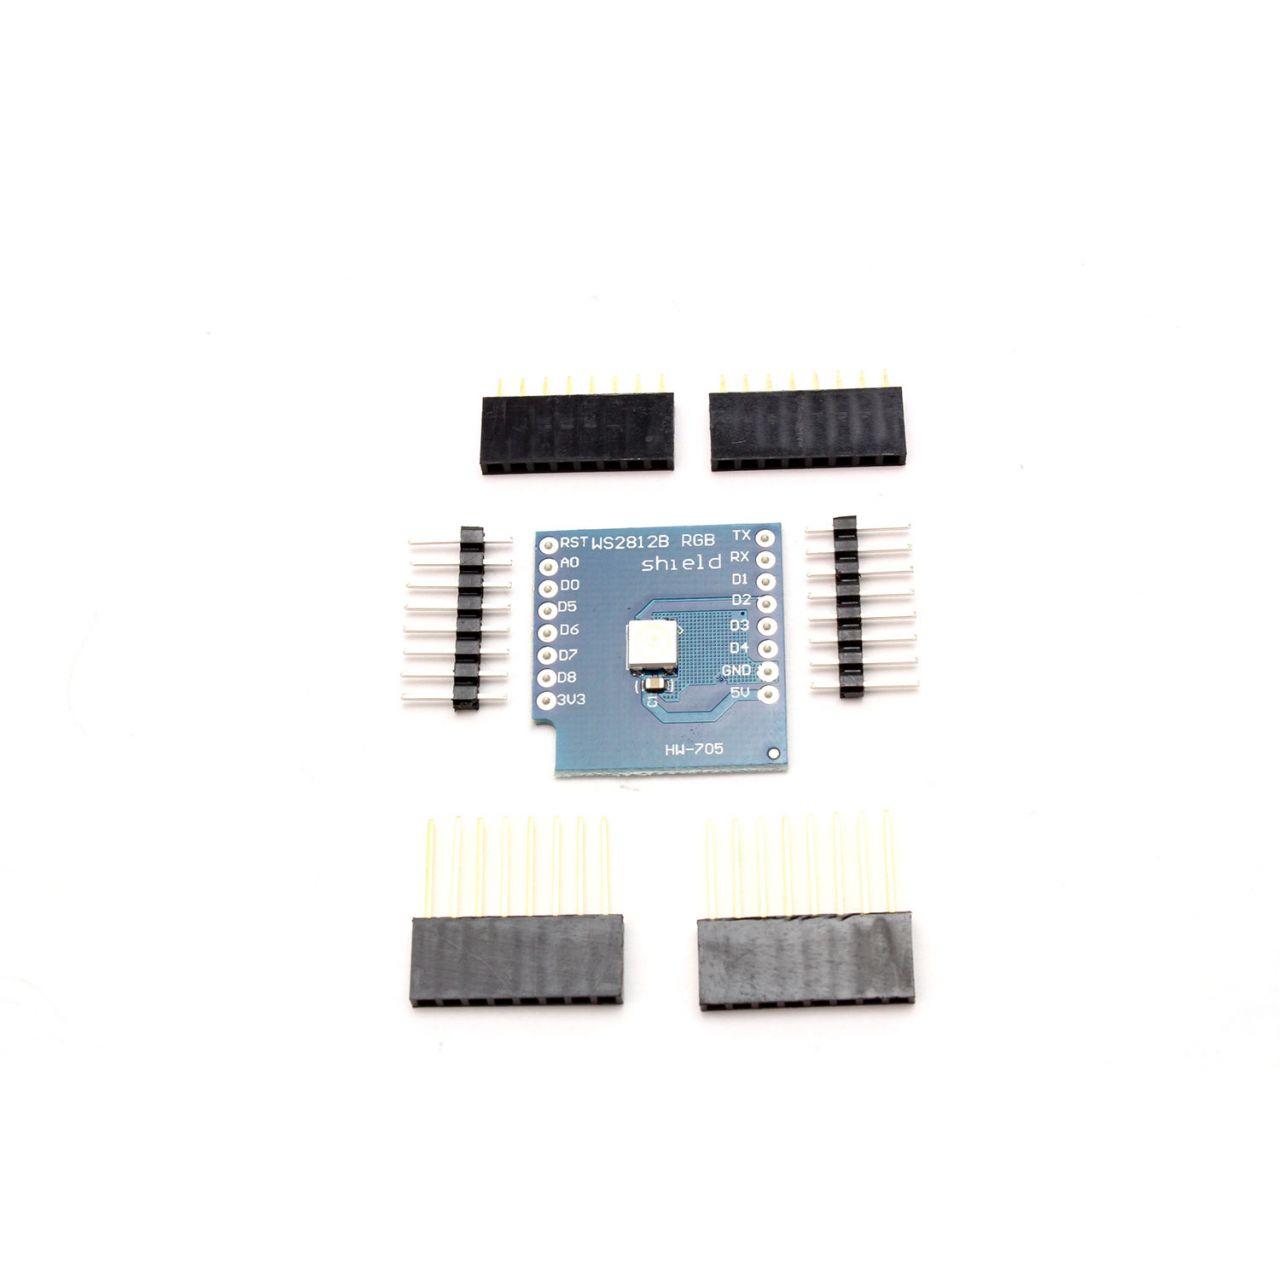 Wemos D1 WS2812 RGB LED Shield